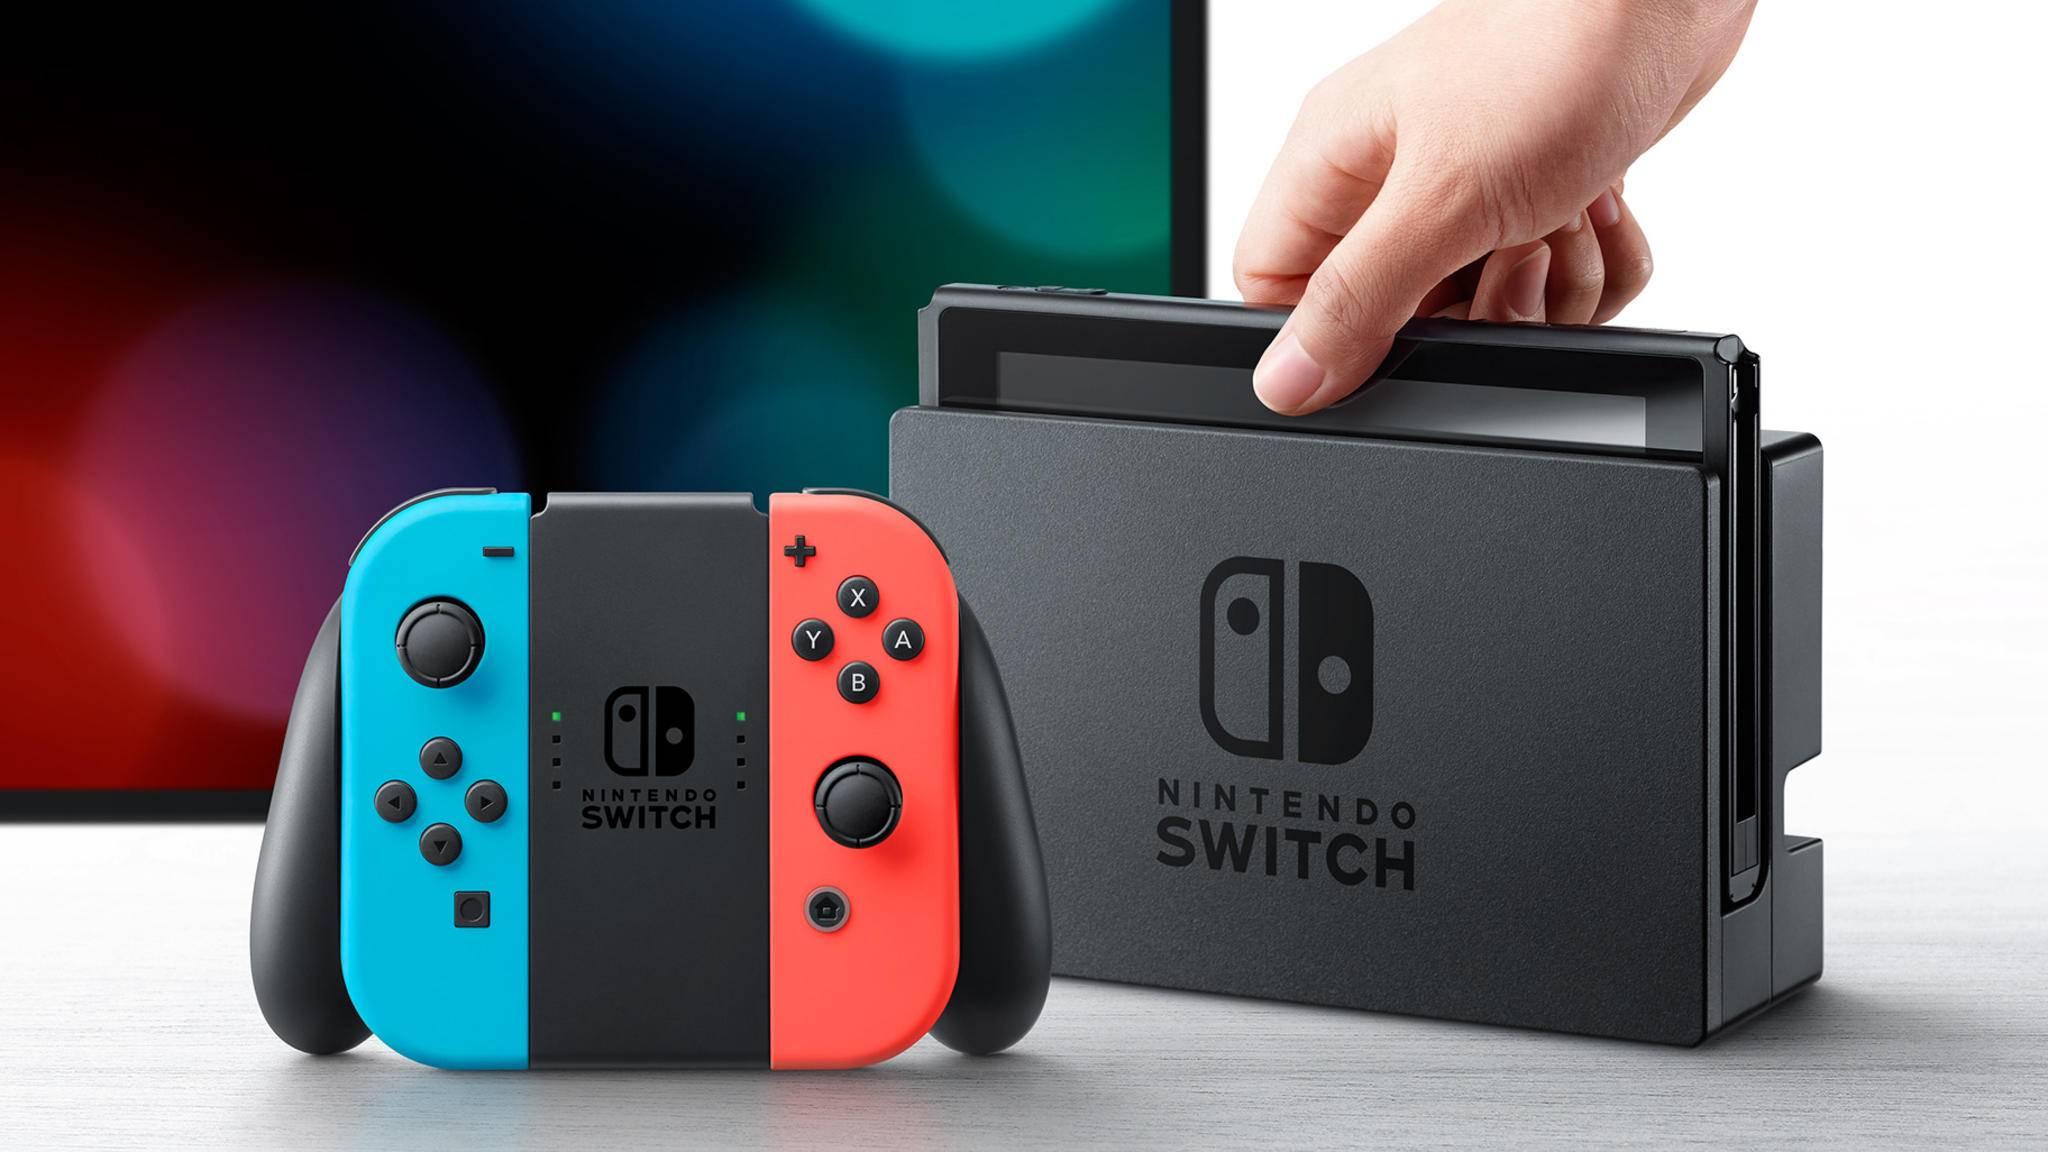 Angeblich soll das verbesserte Switch-Modell ein OLED-Display besitzen.